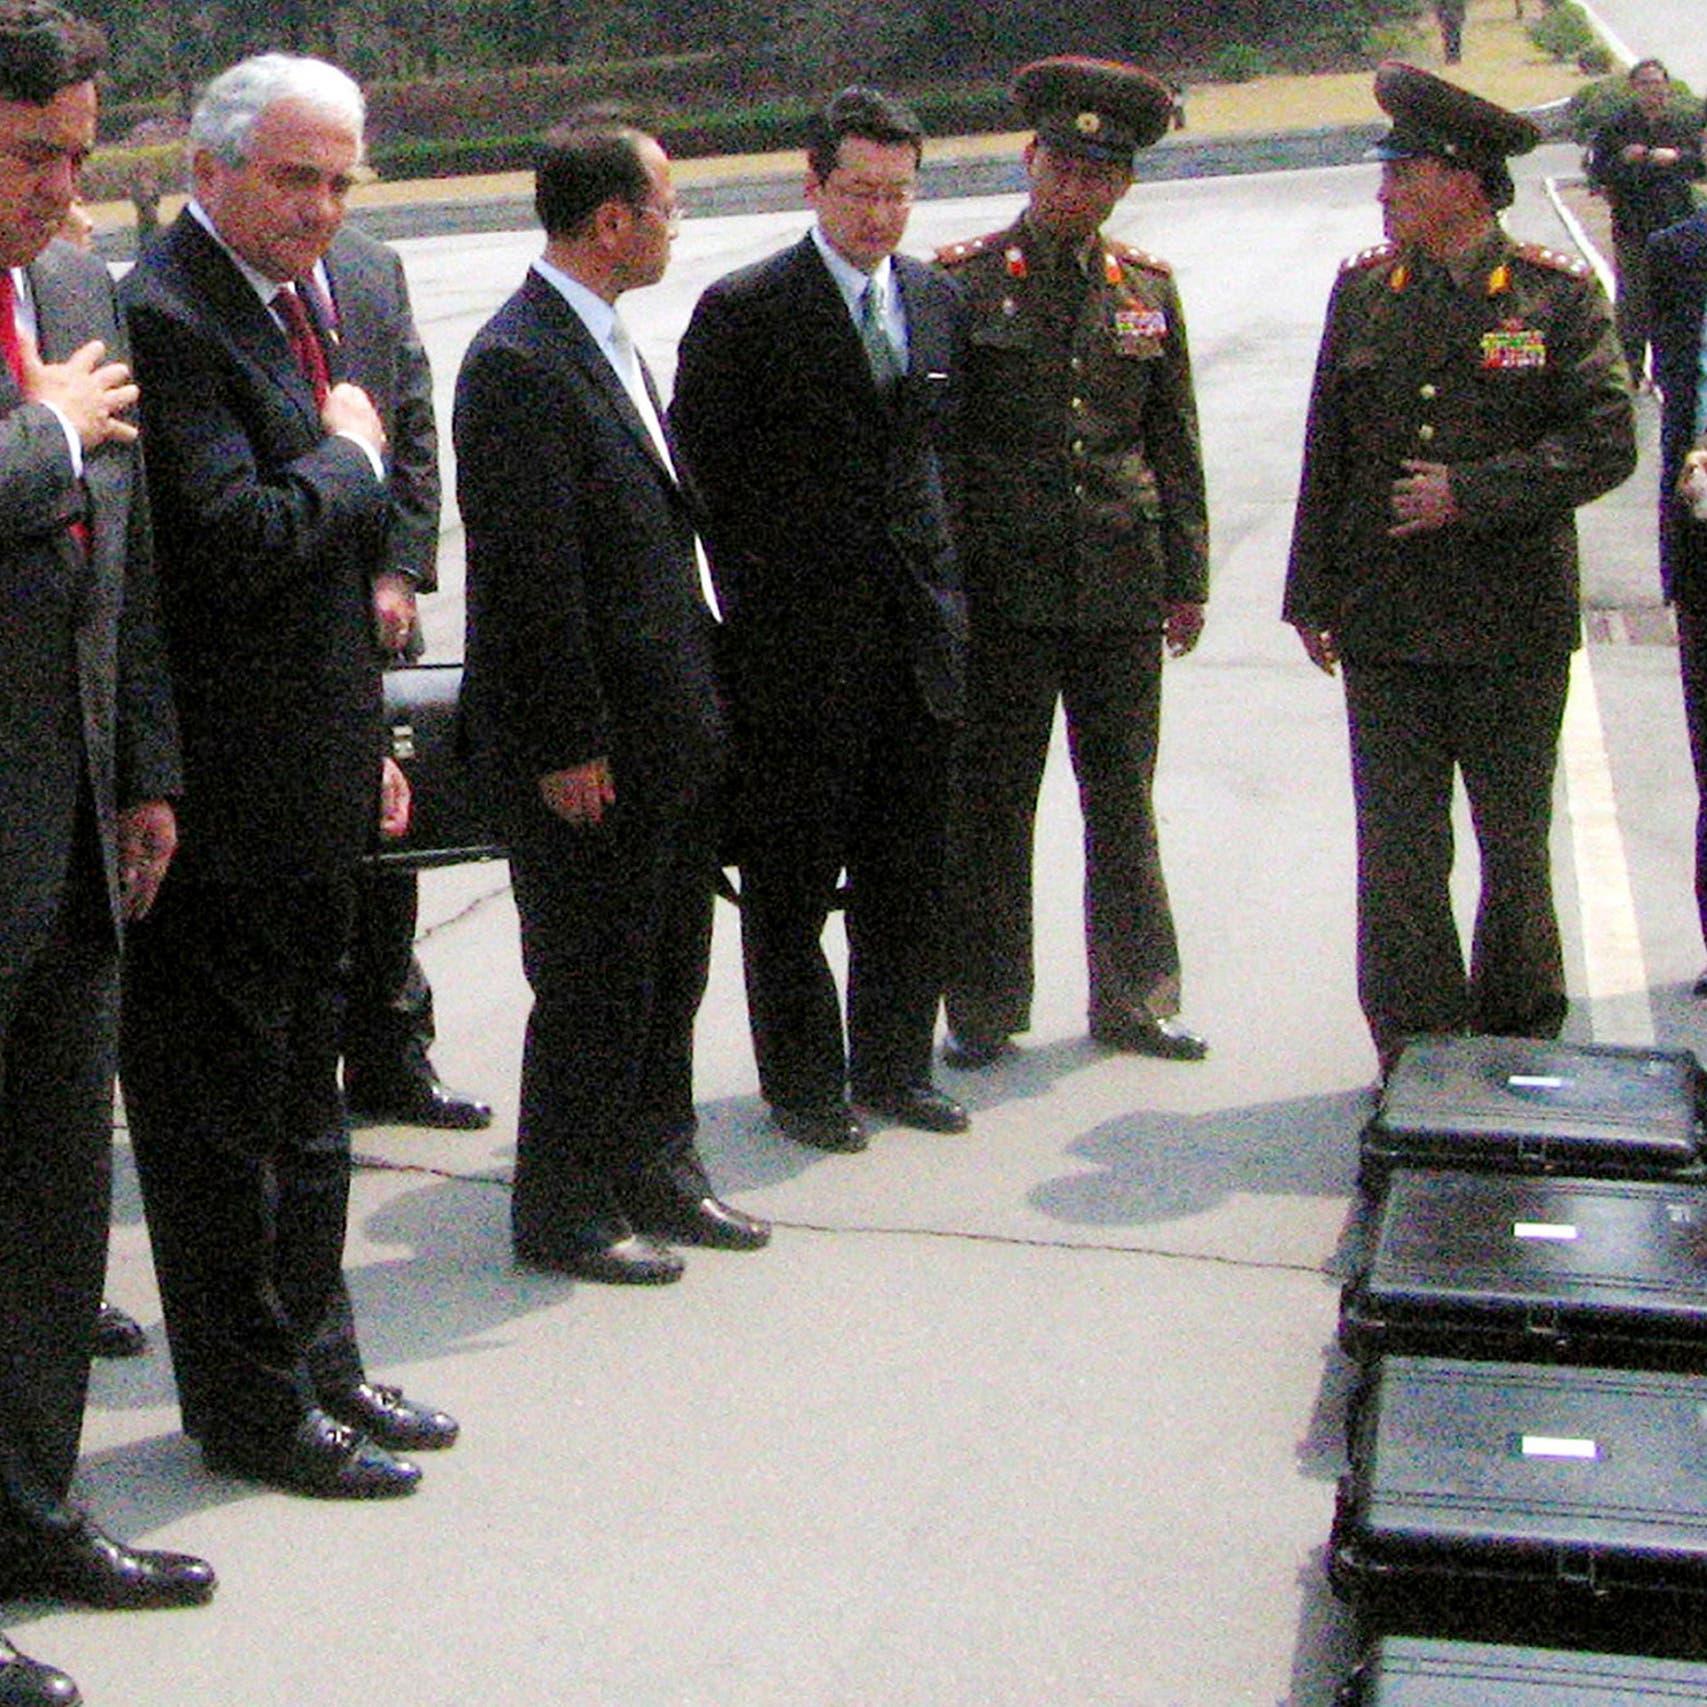 كوريا الشمالية تبدأ إعادة رفات الجنود الأميركيين